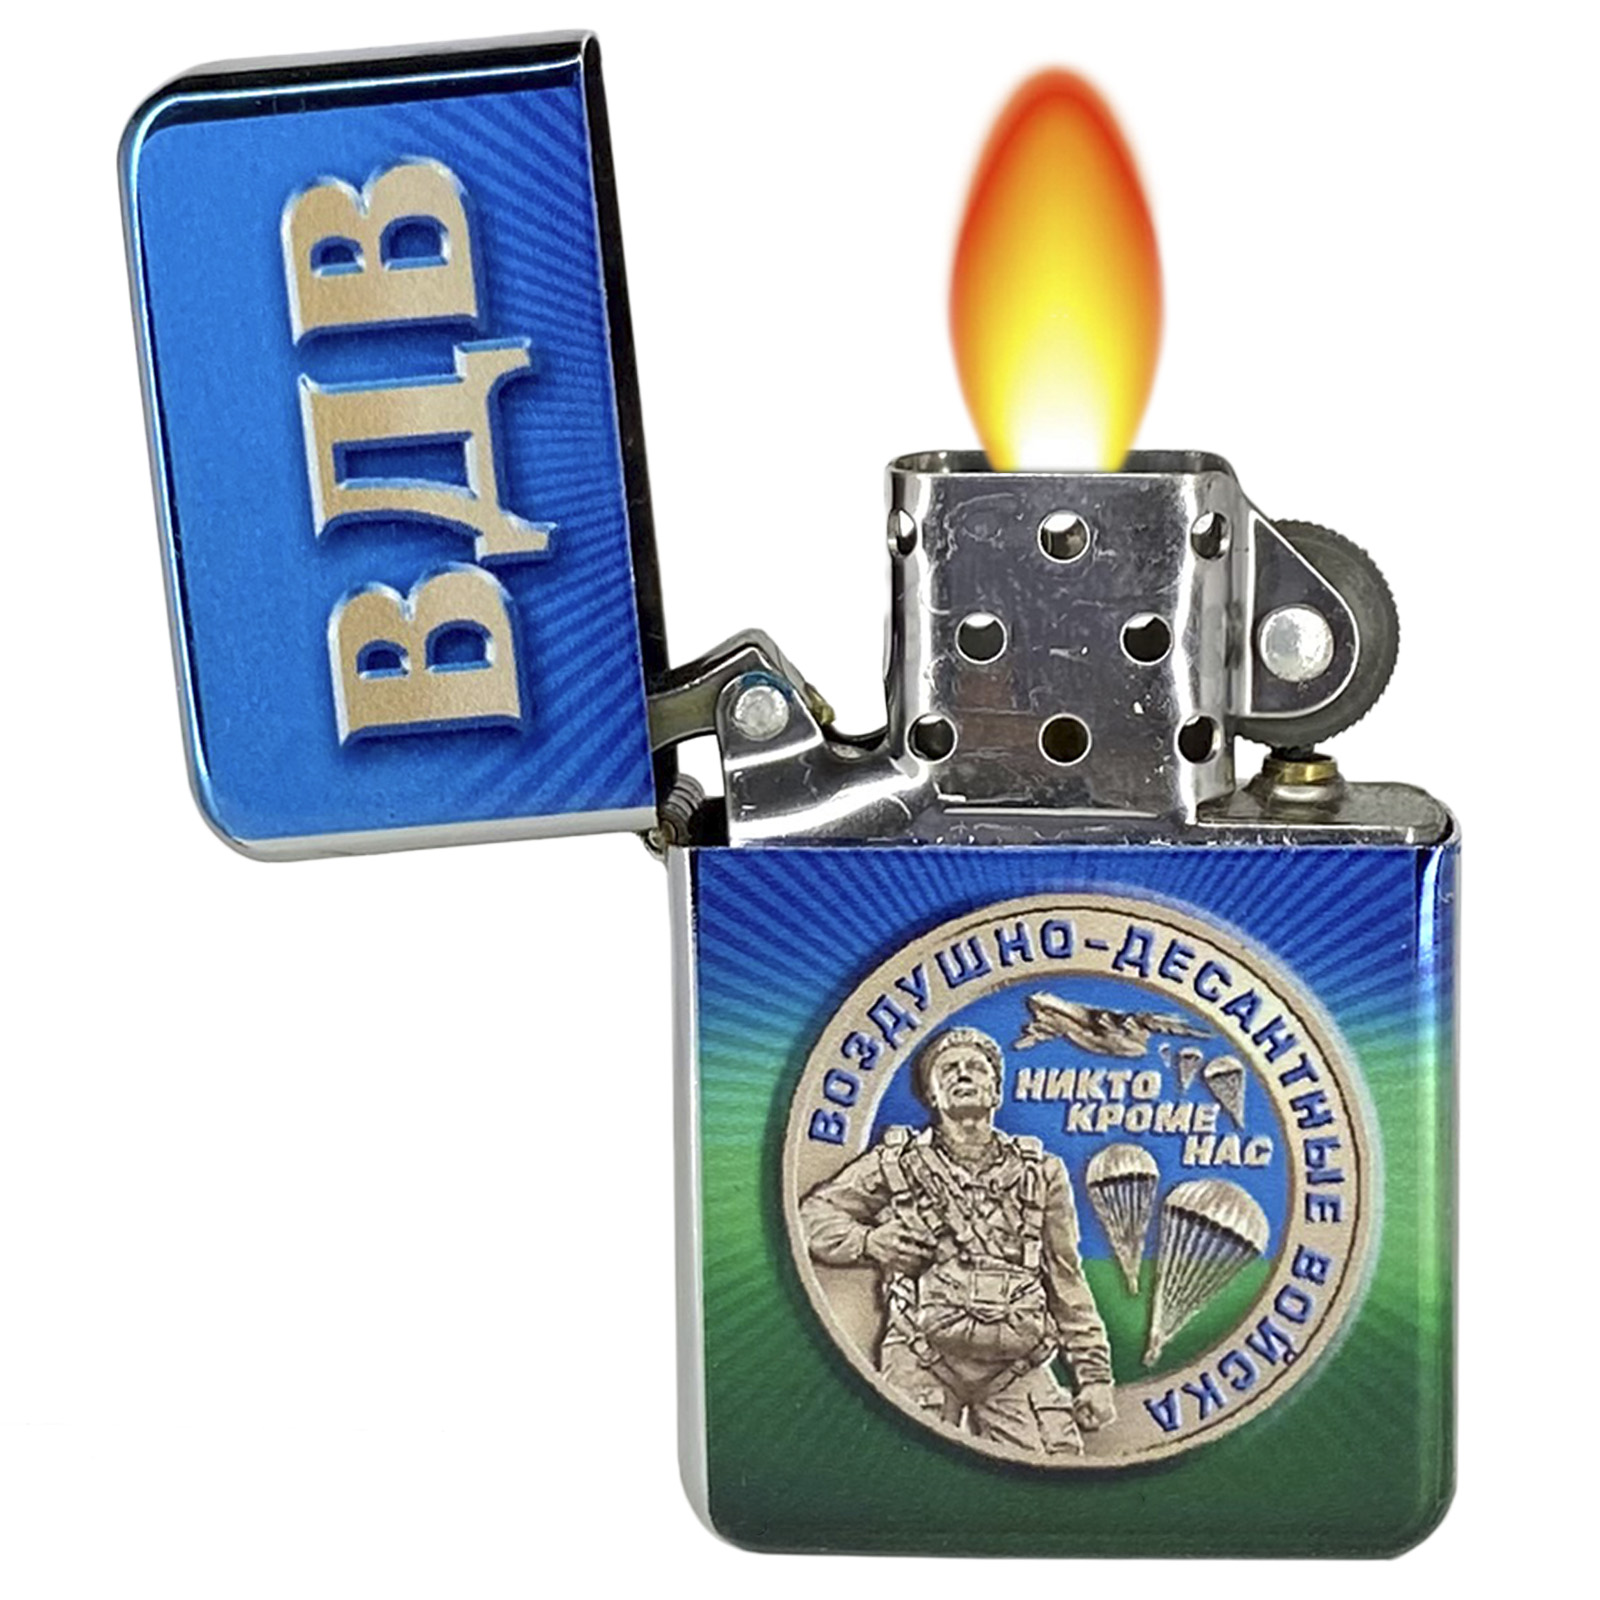 Безотказная зажигалка ВДВ авторского дизайна по лучшей цене